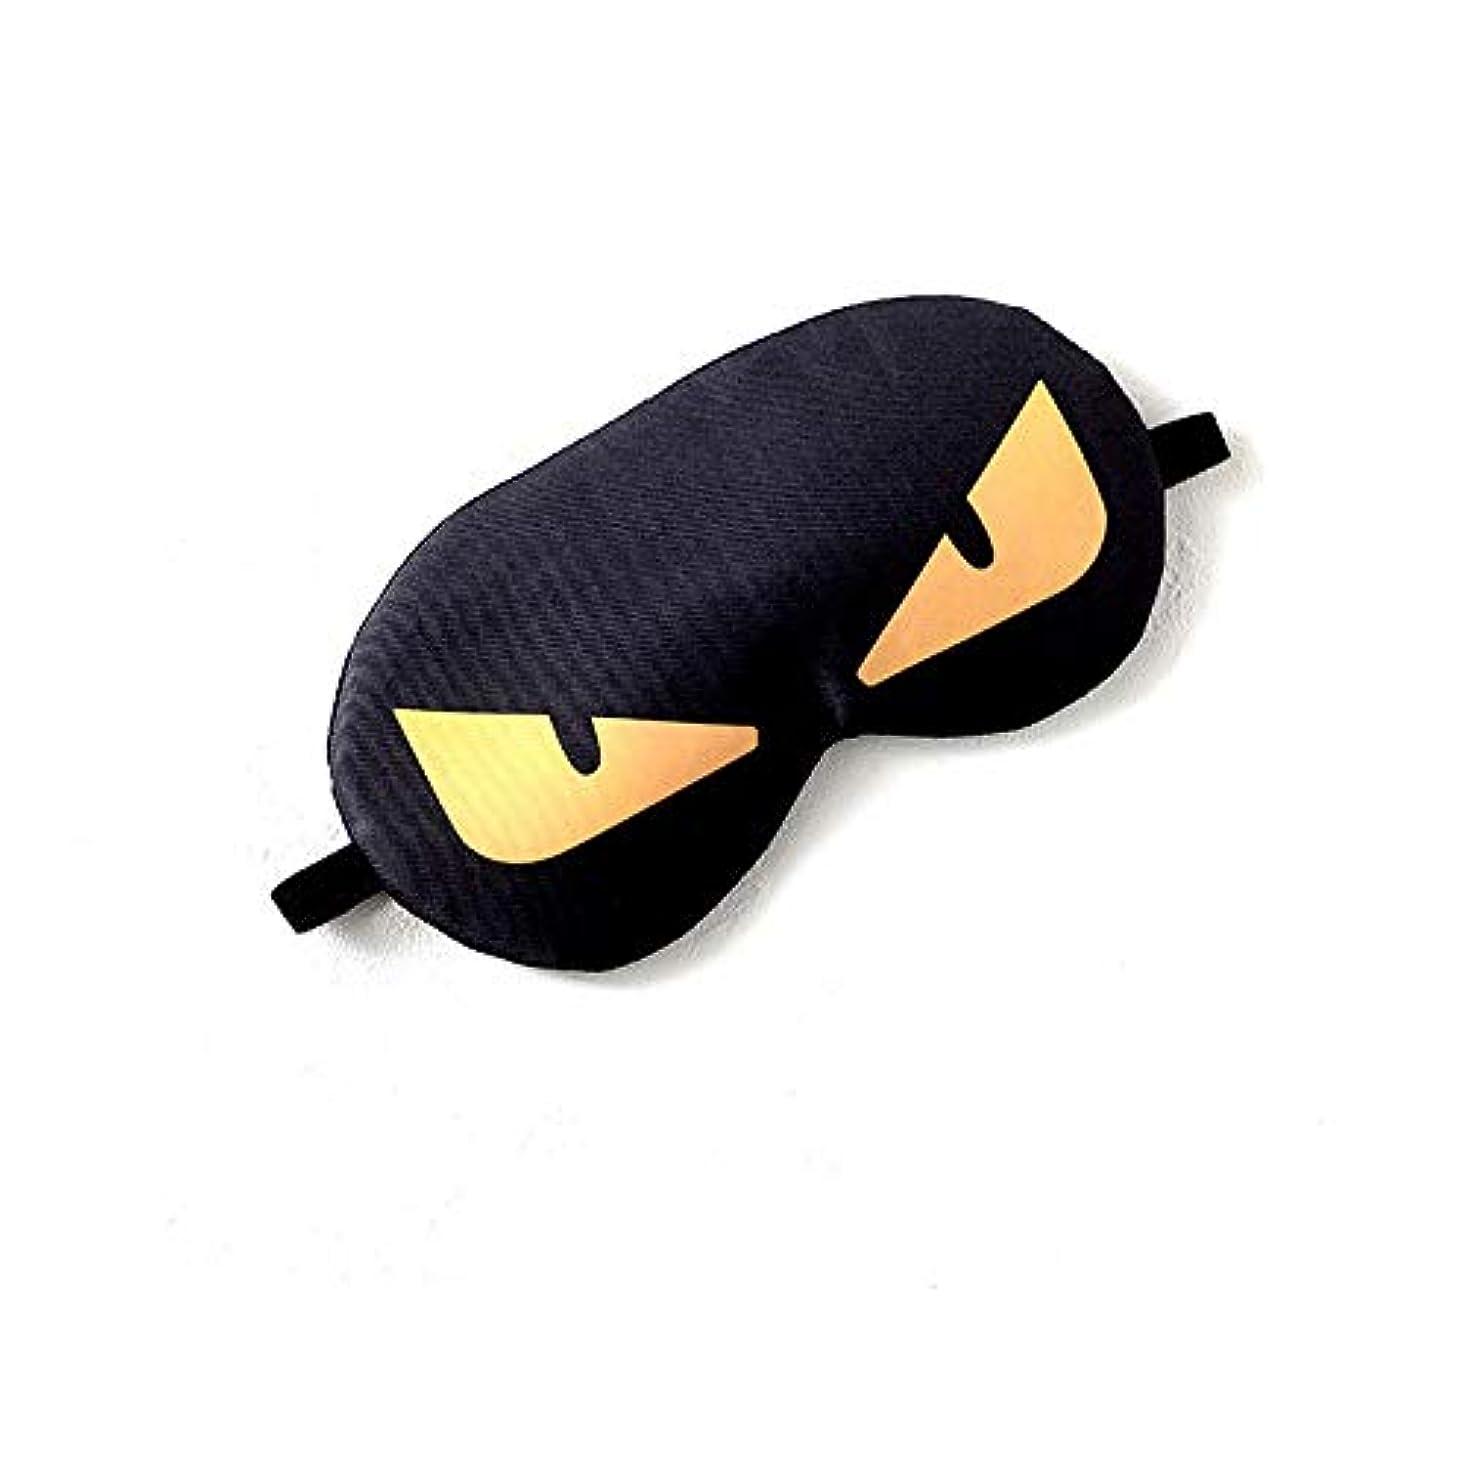 服を着る遮るダイバーNOTE スリーピングマスクアイパッチソフトアイスリープマスクファッションかわいい漫画シェードカバークリエイティブオーニング旅行リラックス睡眠補助